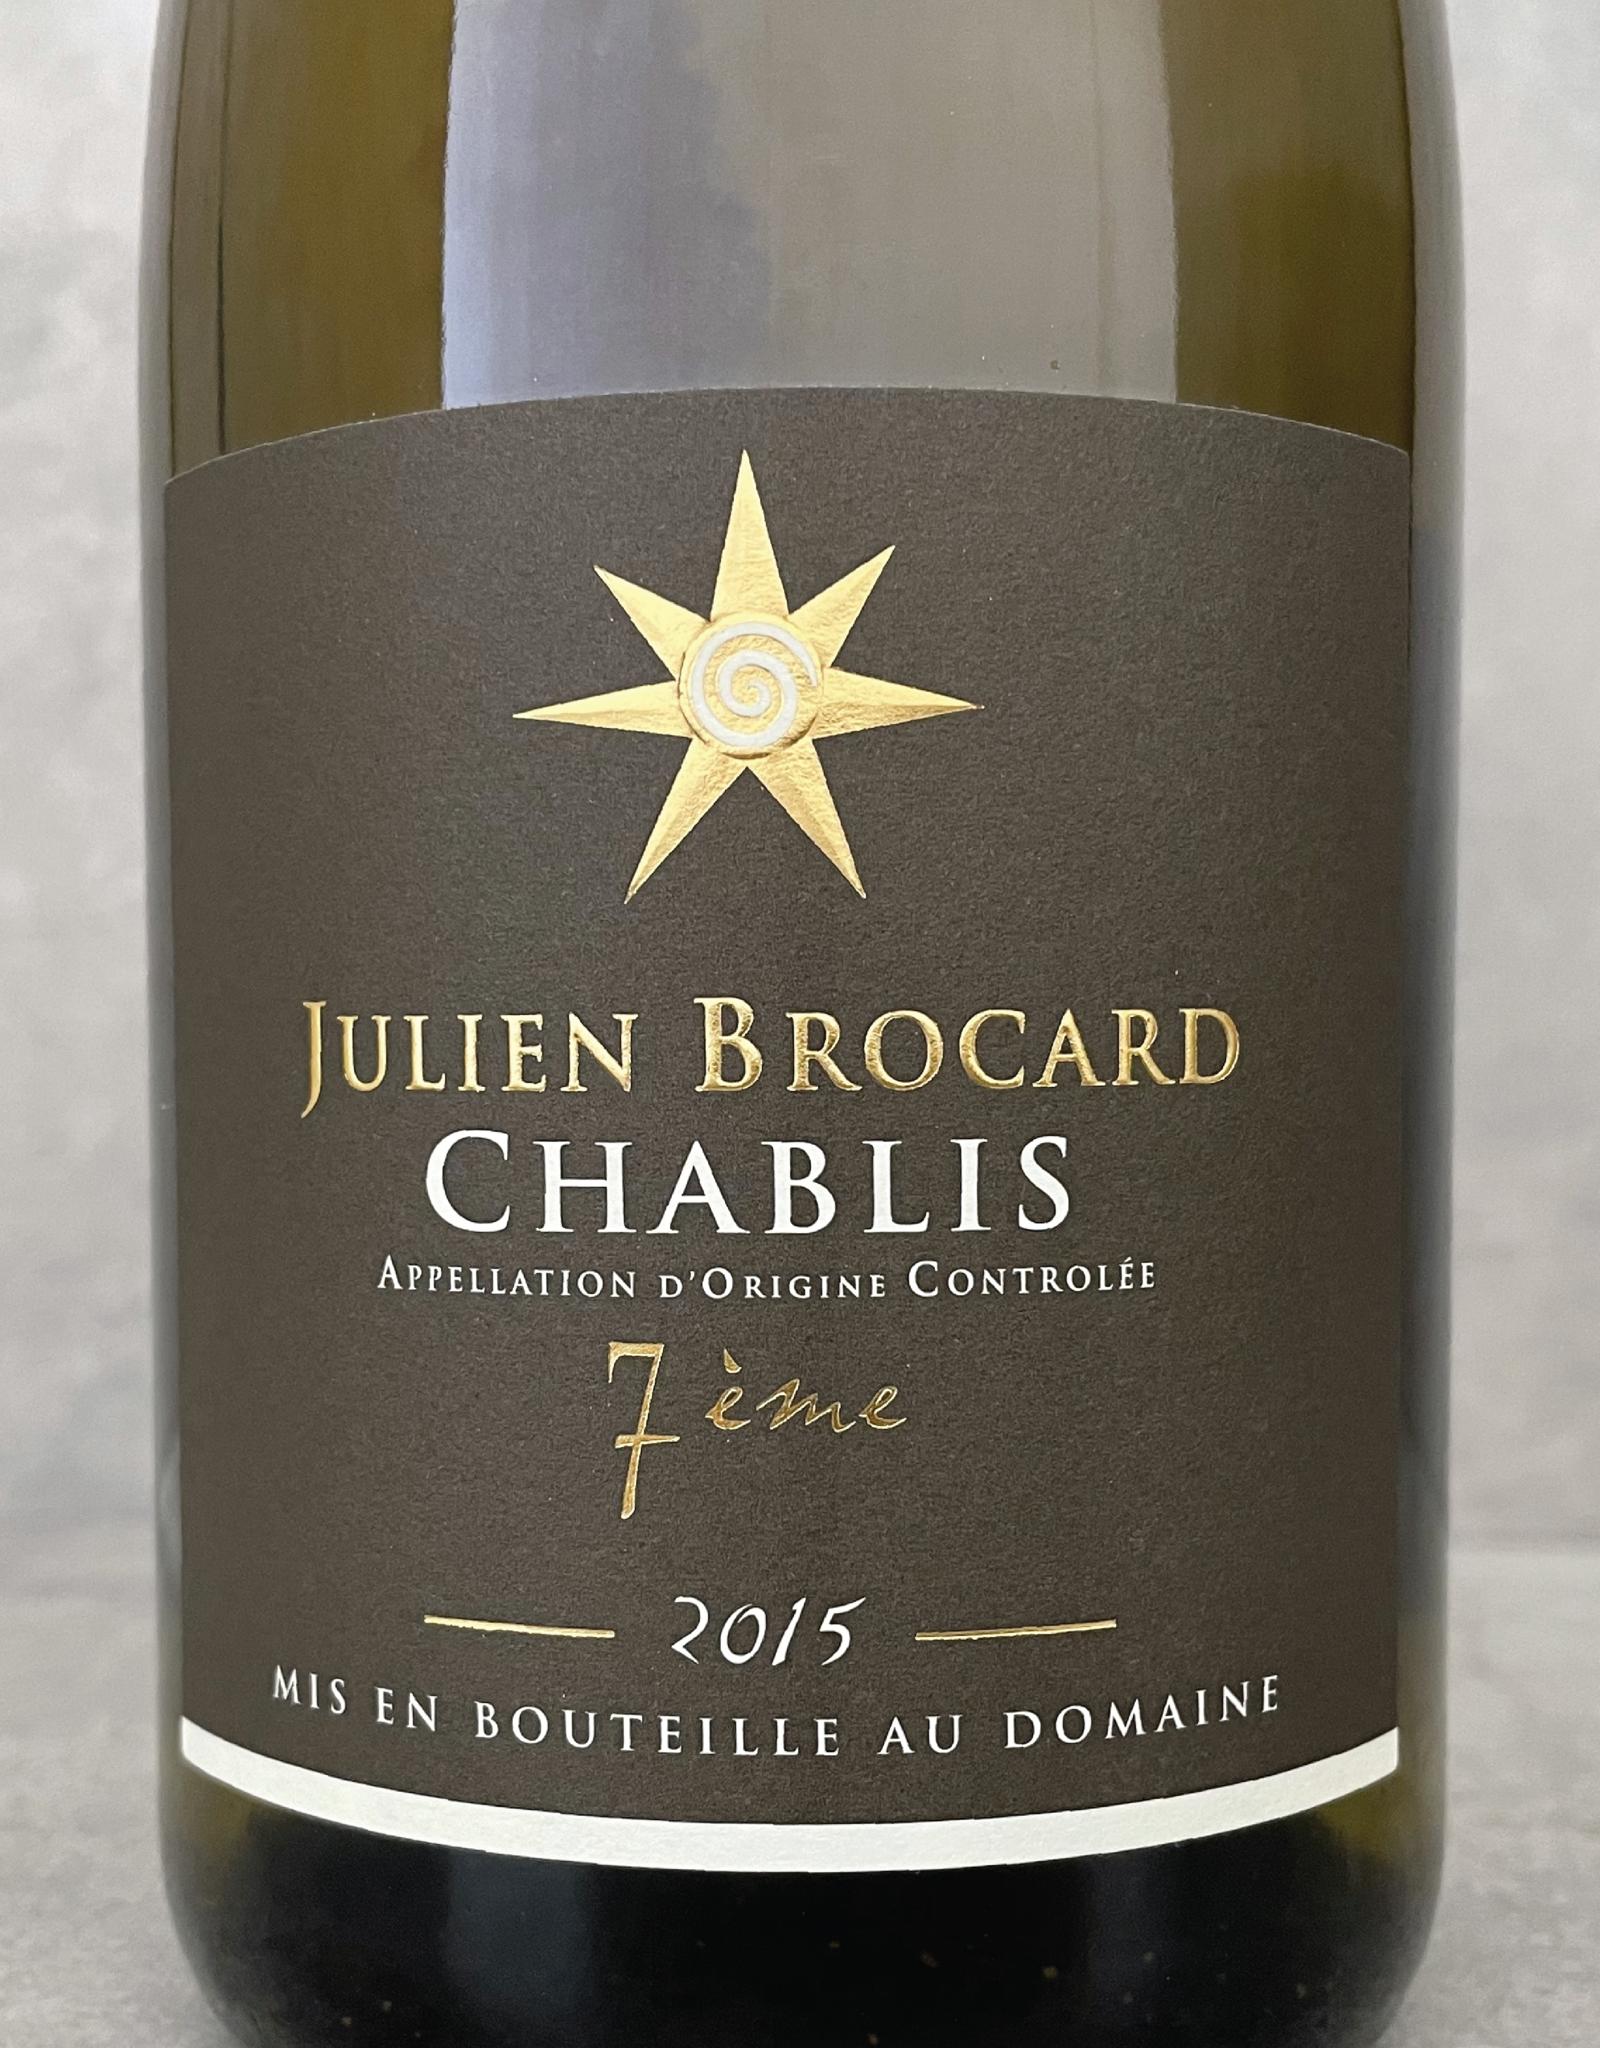 Julien Brocard Le 7ième Chablis Vin Nature 2017